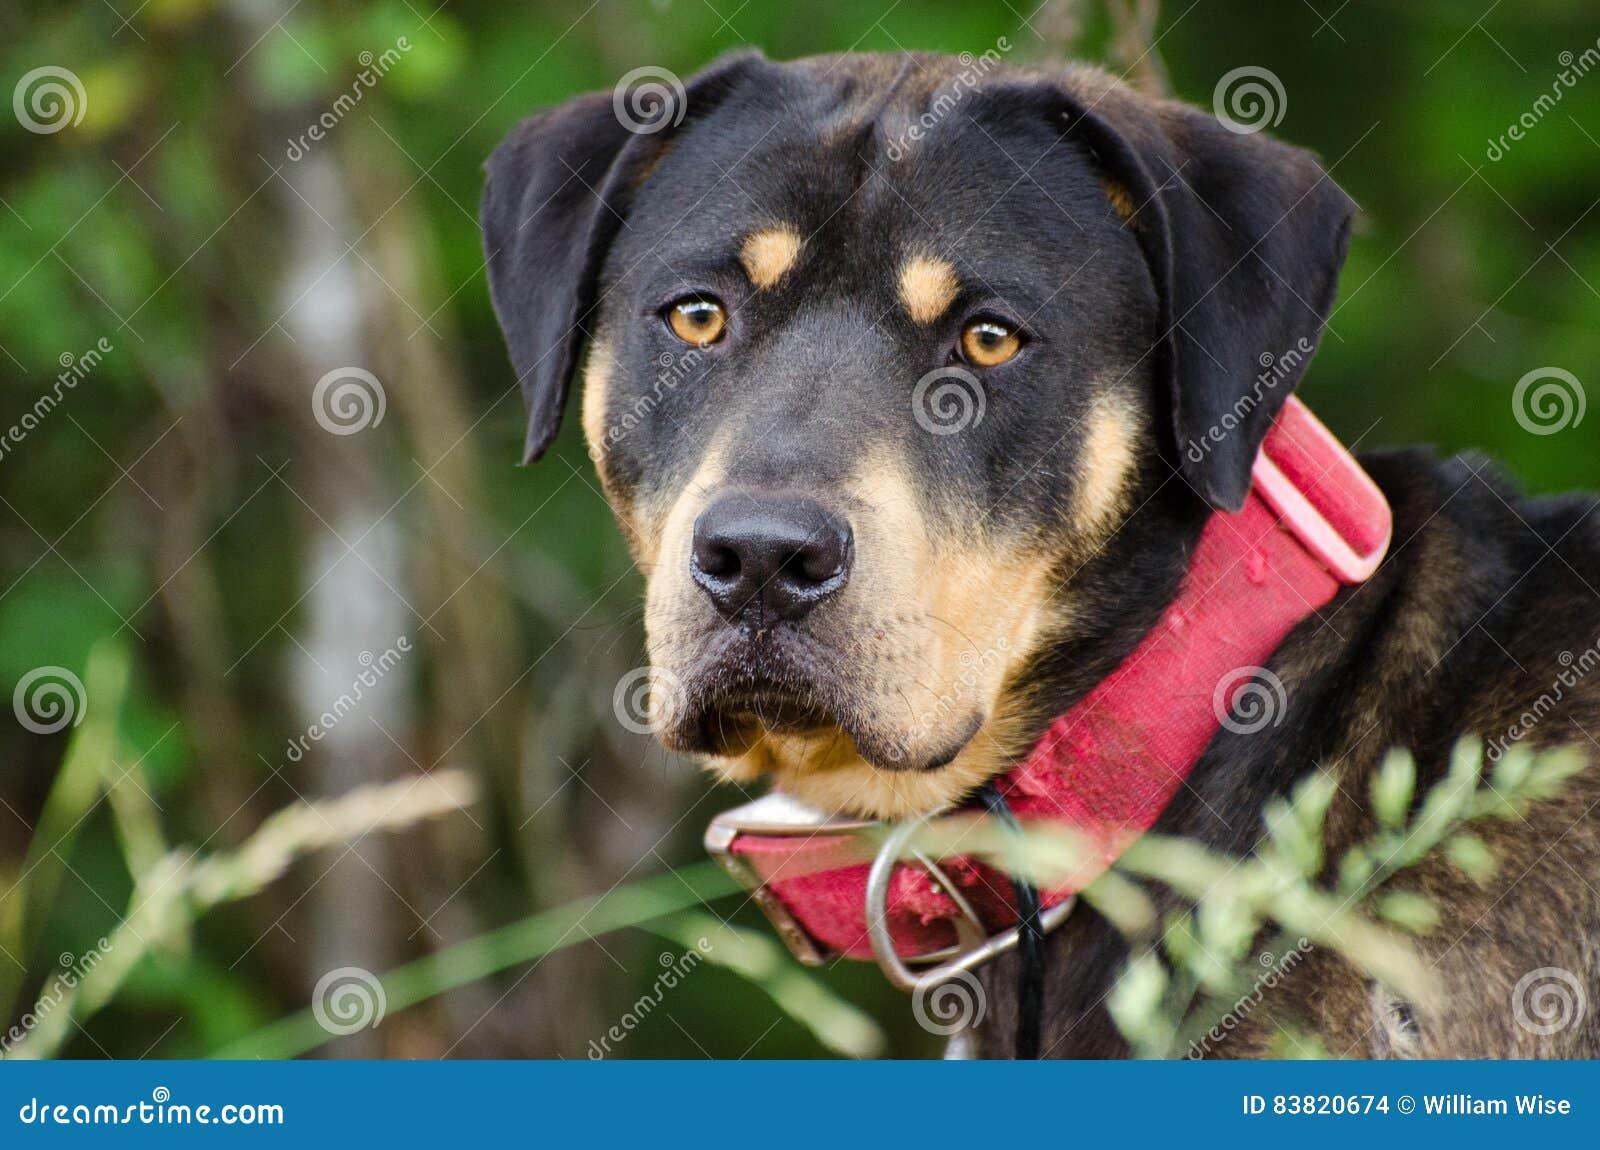 Rottweiler Mastiff Mixed Breed Dog Stock Photo Image Of Georgia